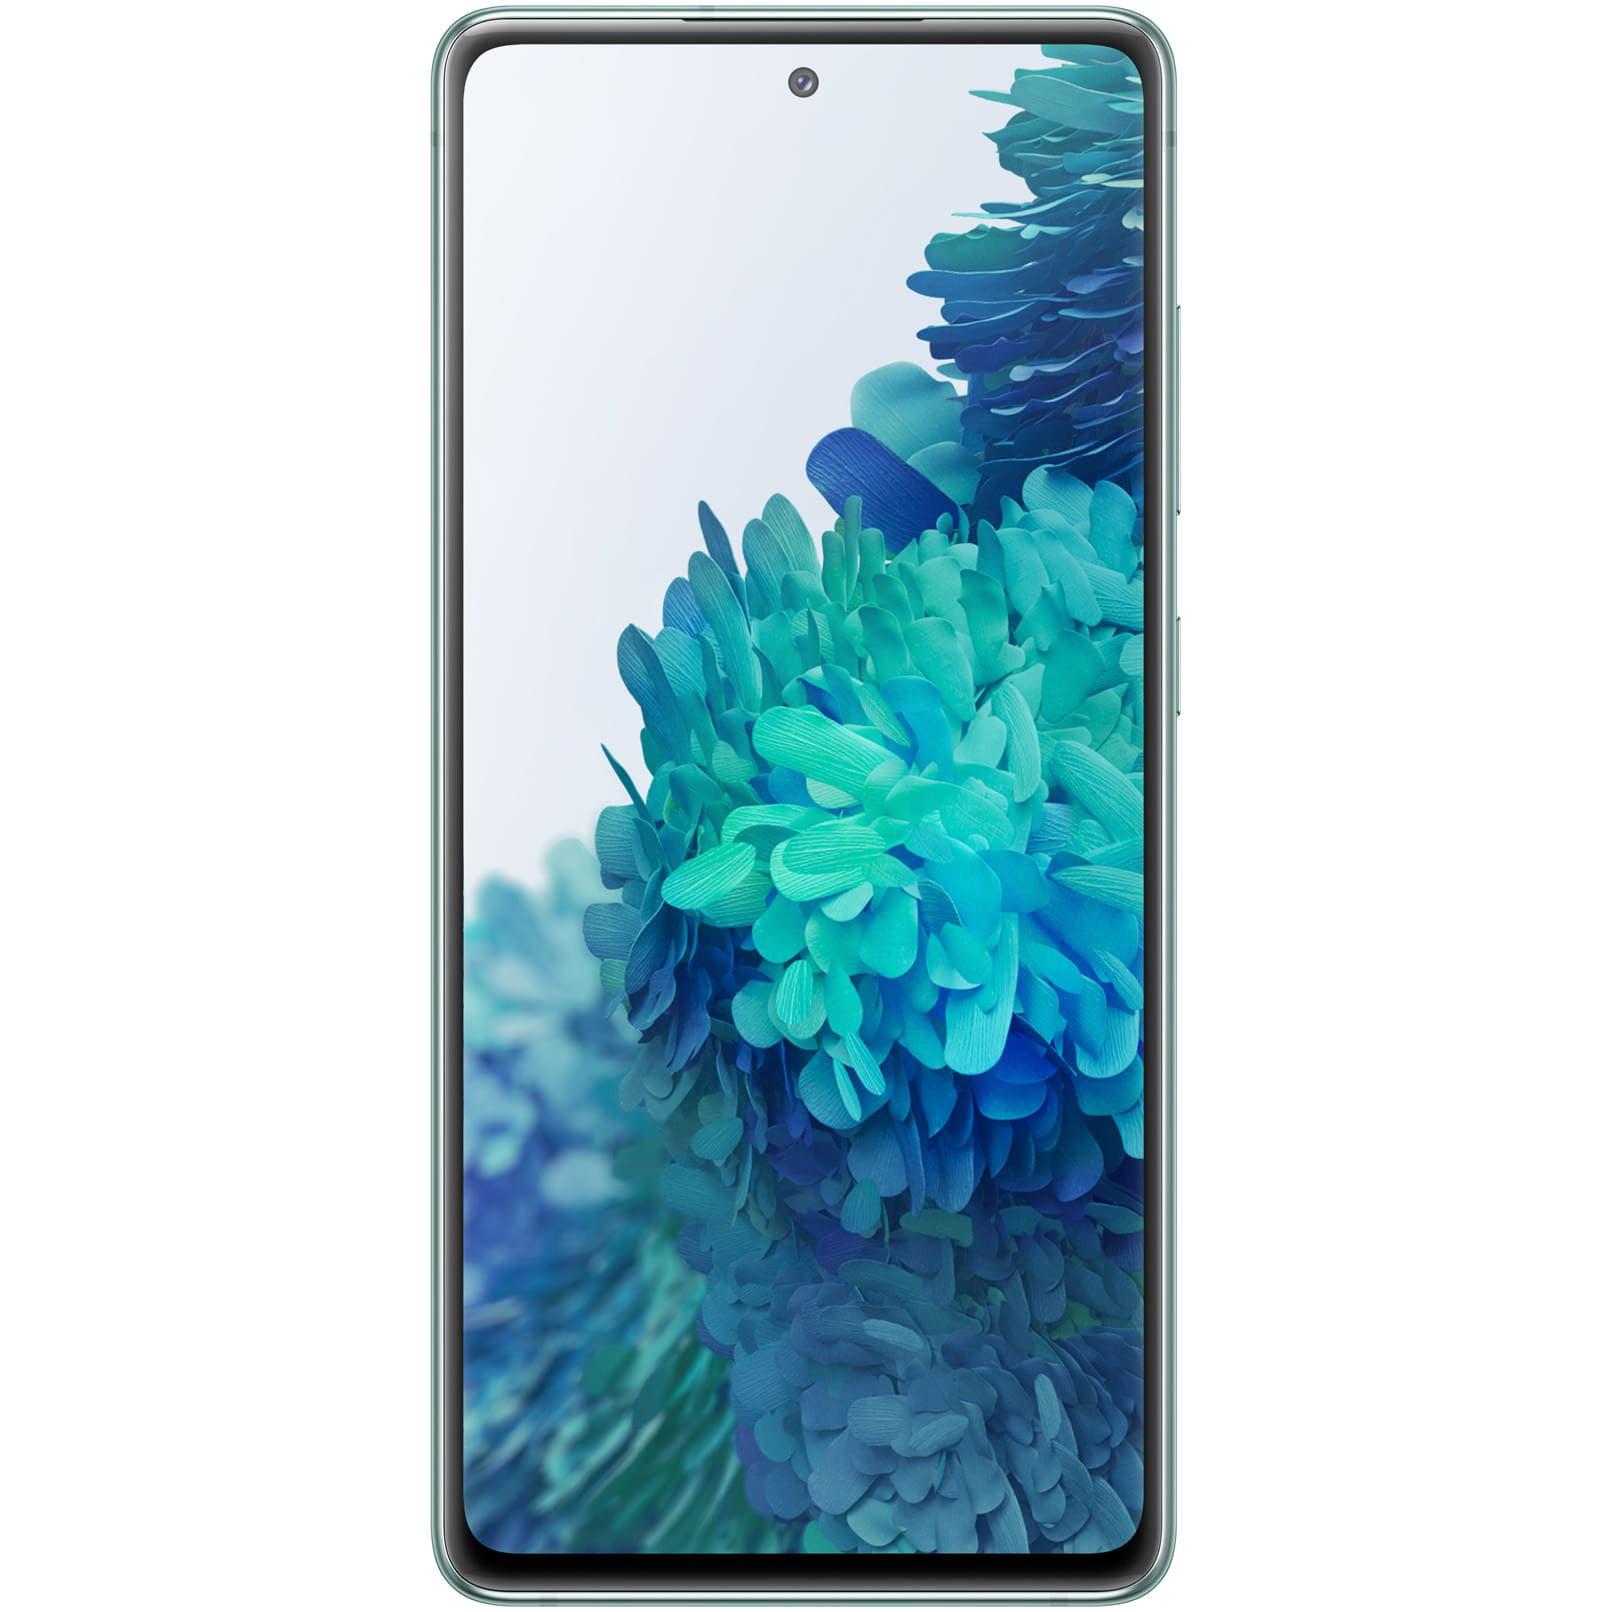 Telefon mobil Samsung Galaxy S20 FE, Dual SIM, 128GB, 6GB RAM, 4G, Cloud Mint